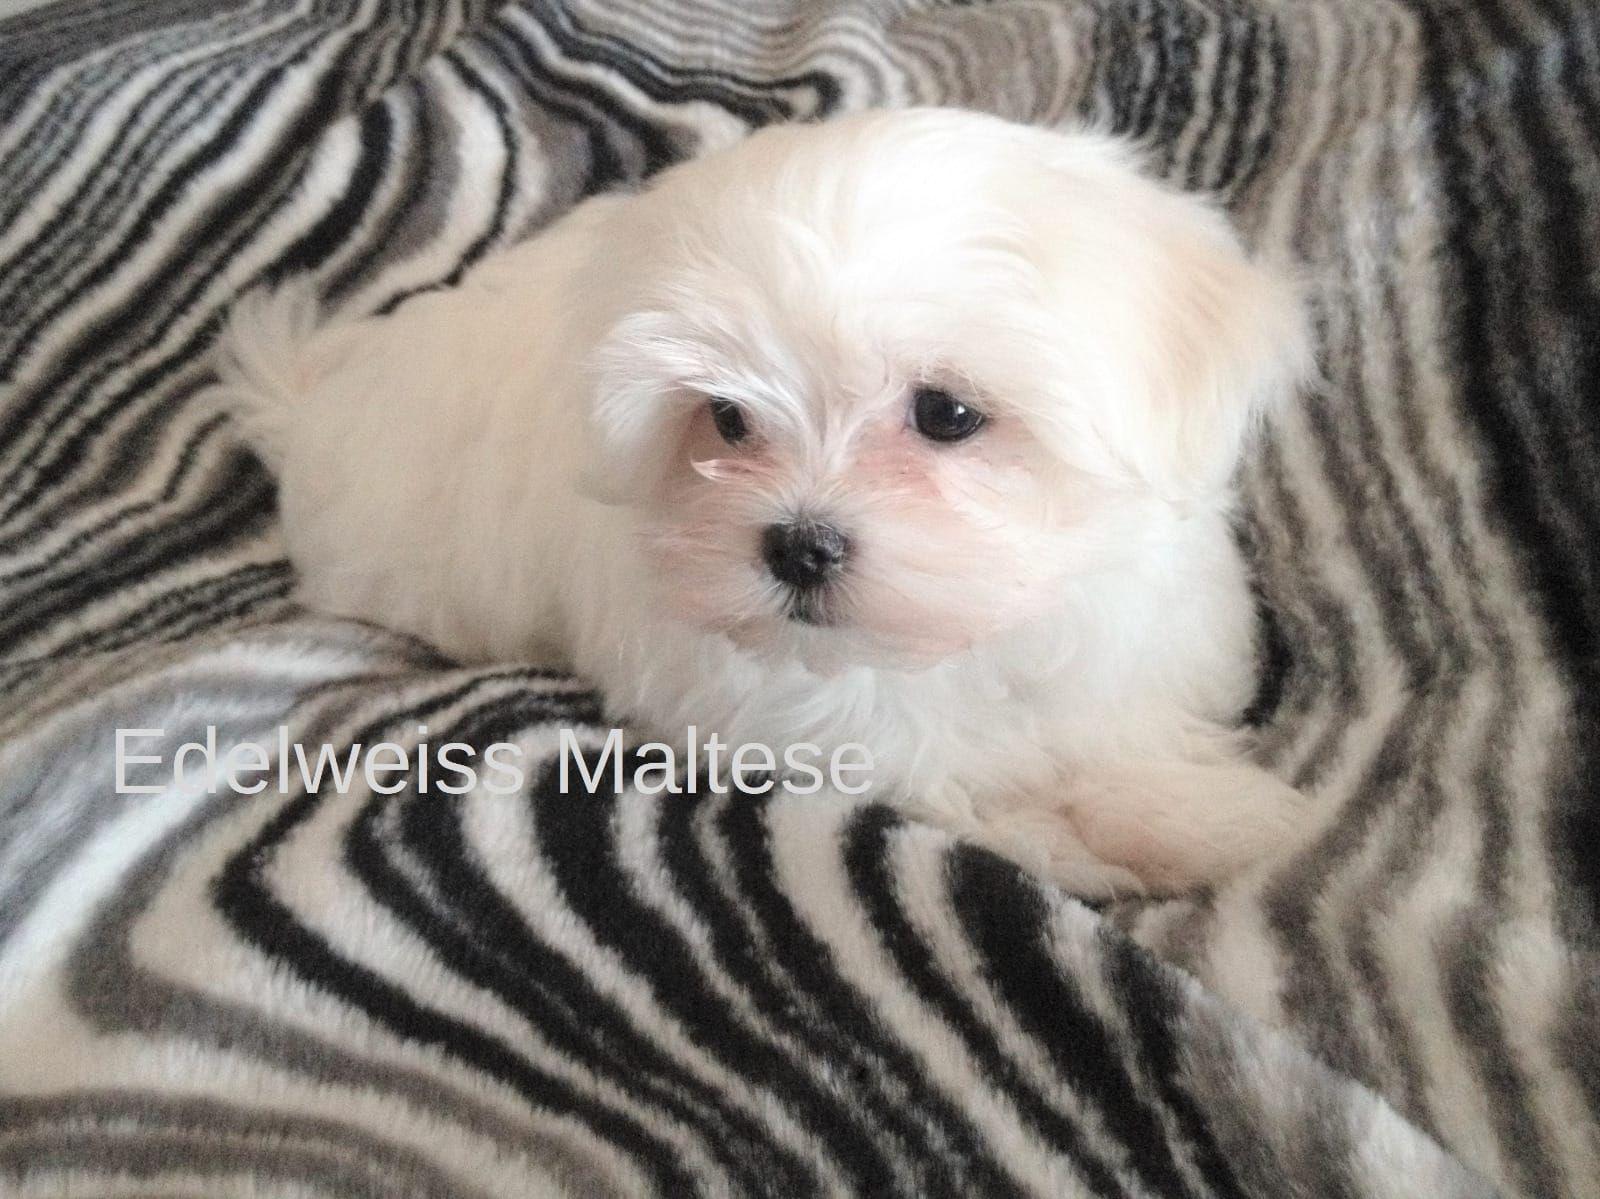 Bildschone Mini Malteser Bad Aibling Malteser Deine Tierwelt De Malteser Malteserwelpen Mini Malteser